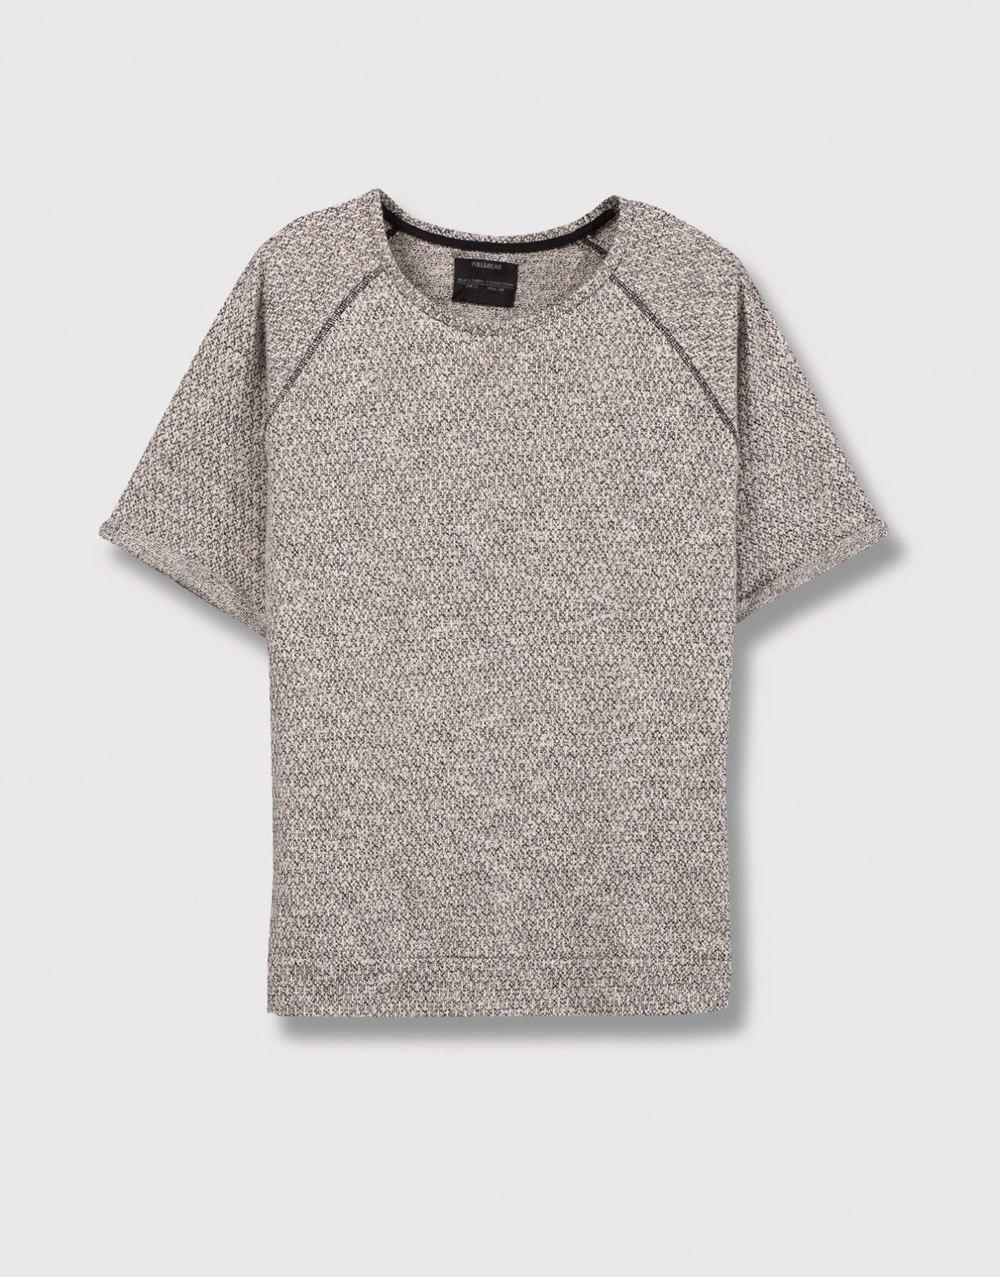 3/4 sleeve sweatshirt, £17.99 (pullandbear.com)